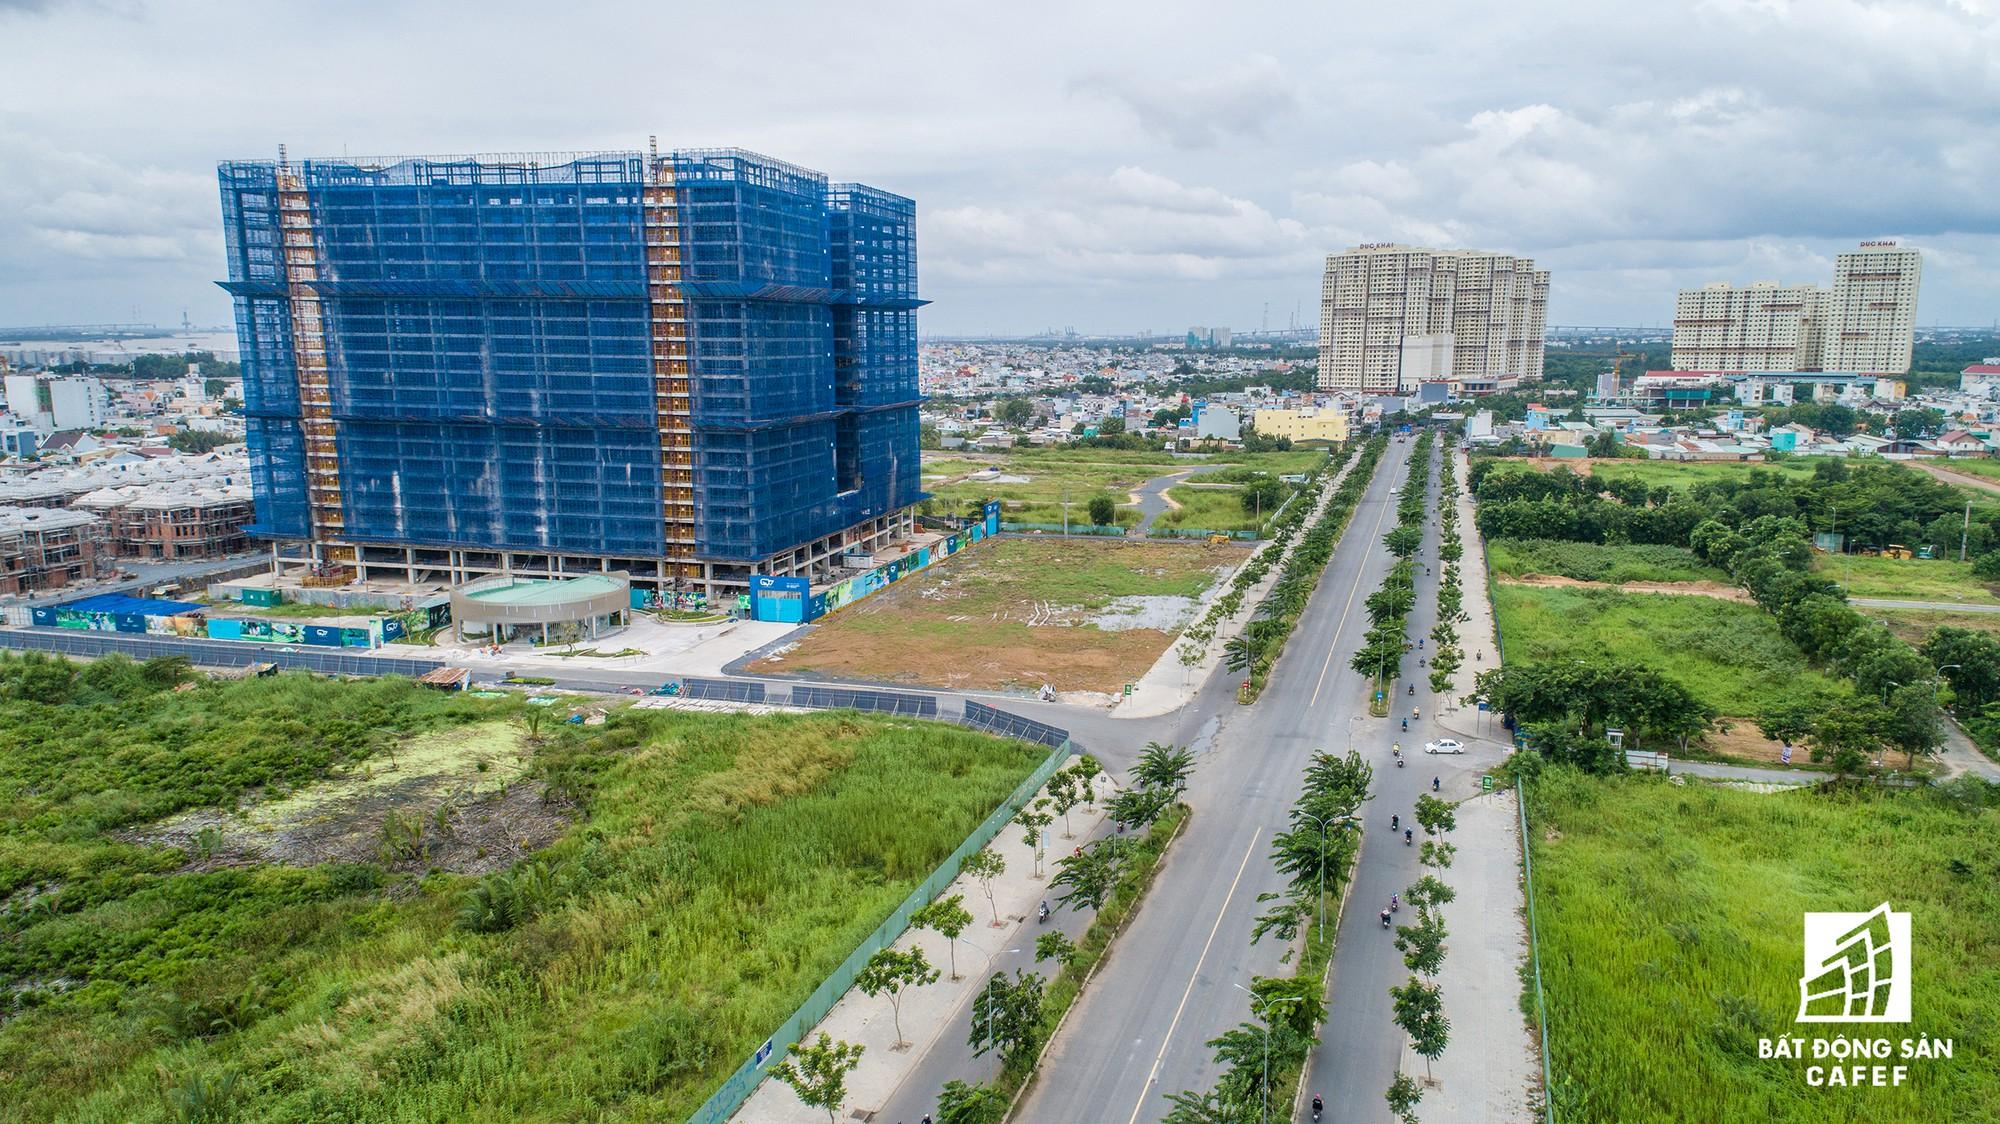 Có một trung tâm tài chính tại khu Nam Sài Gòn - Nơi giá nhà tăng chóng mặt - Ảnh 23.